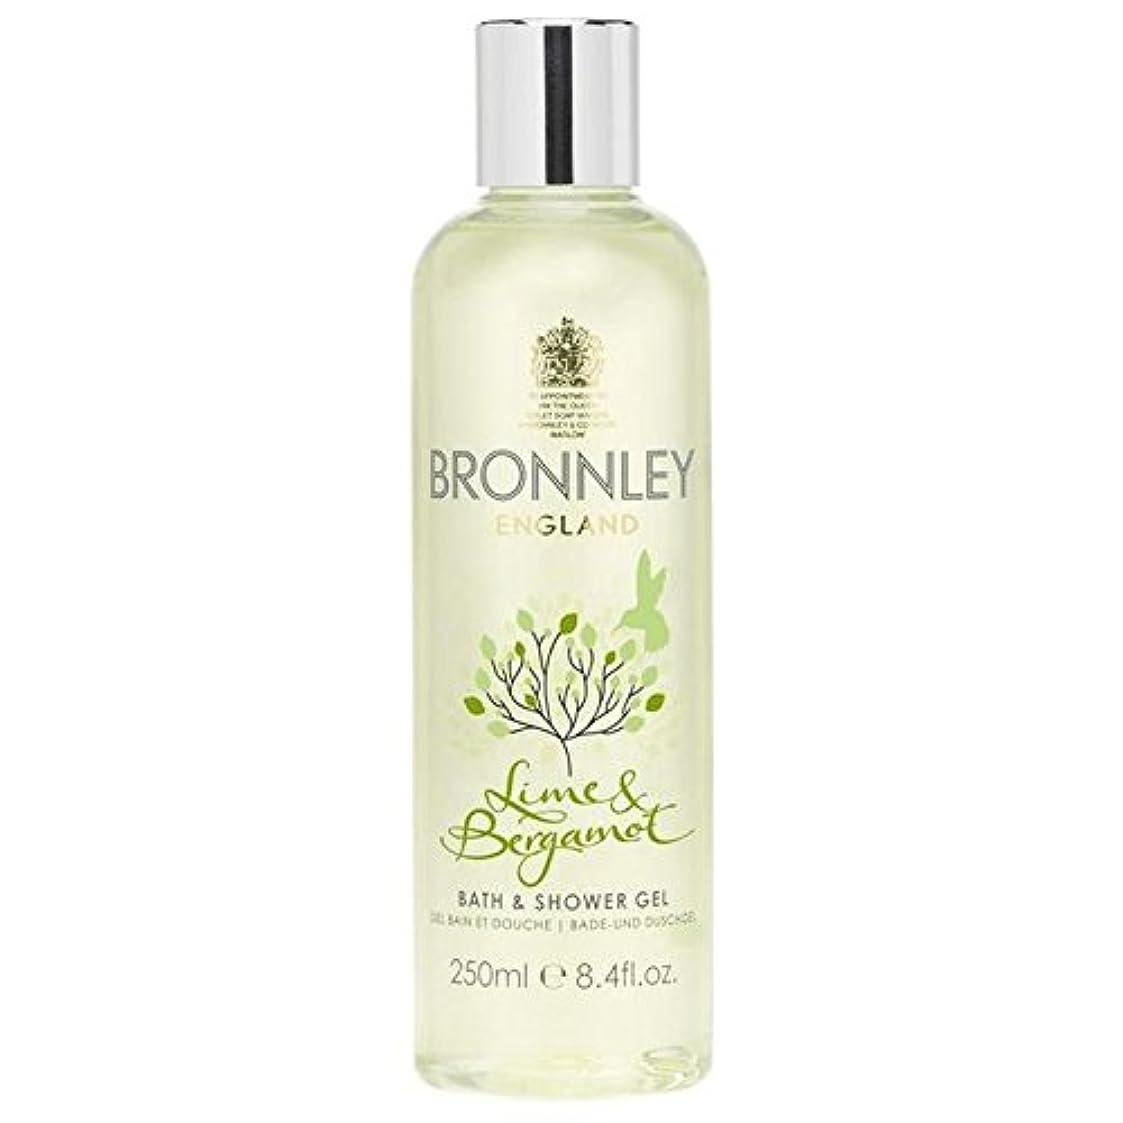 考古学的なセラー小麦粉Bronnley Lime & Bergamot Bath & Shower Gel 250ml (Pack of 6) - ライム&ベルガモットバス&シャワージェル250ミリリットル x6 [並行輸入品]